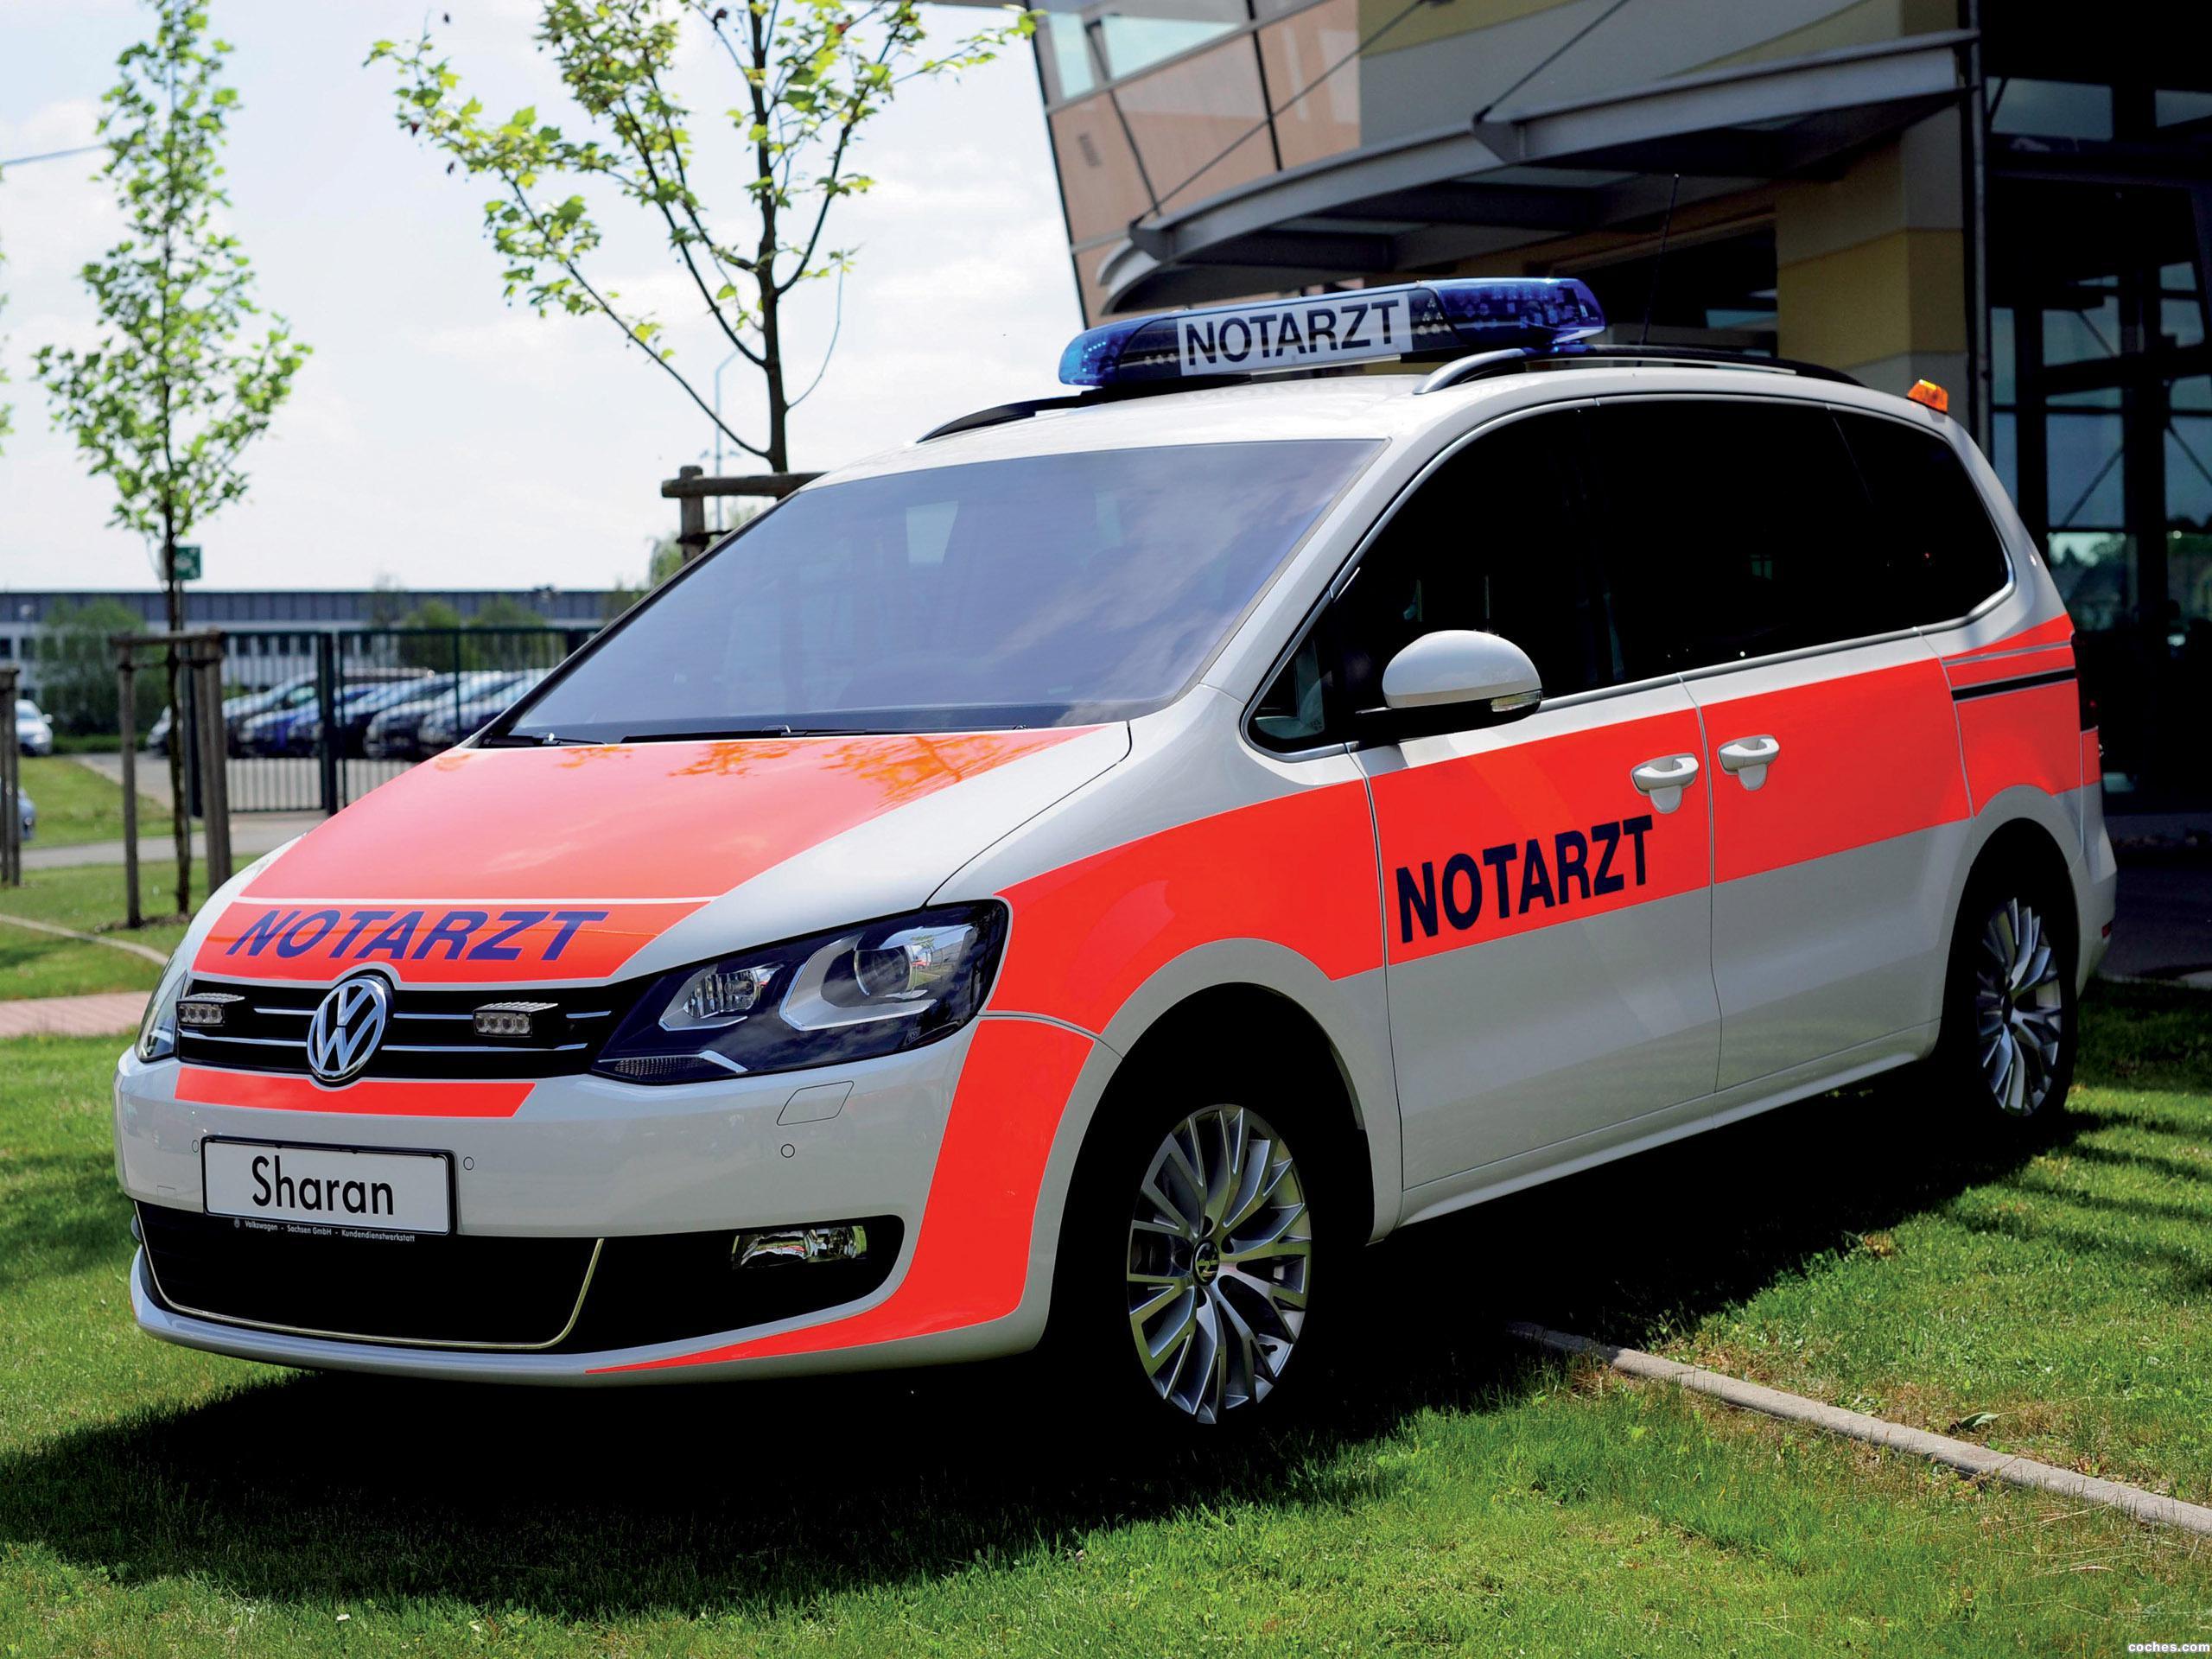 Foto 0 de Volkswagen Sharan Notarzt 2012